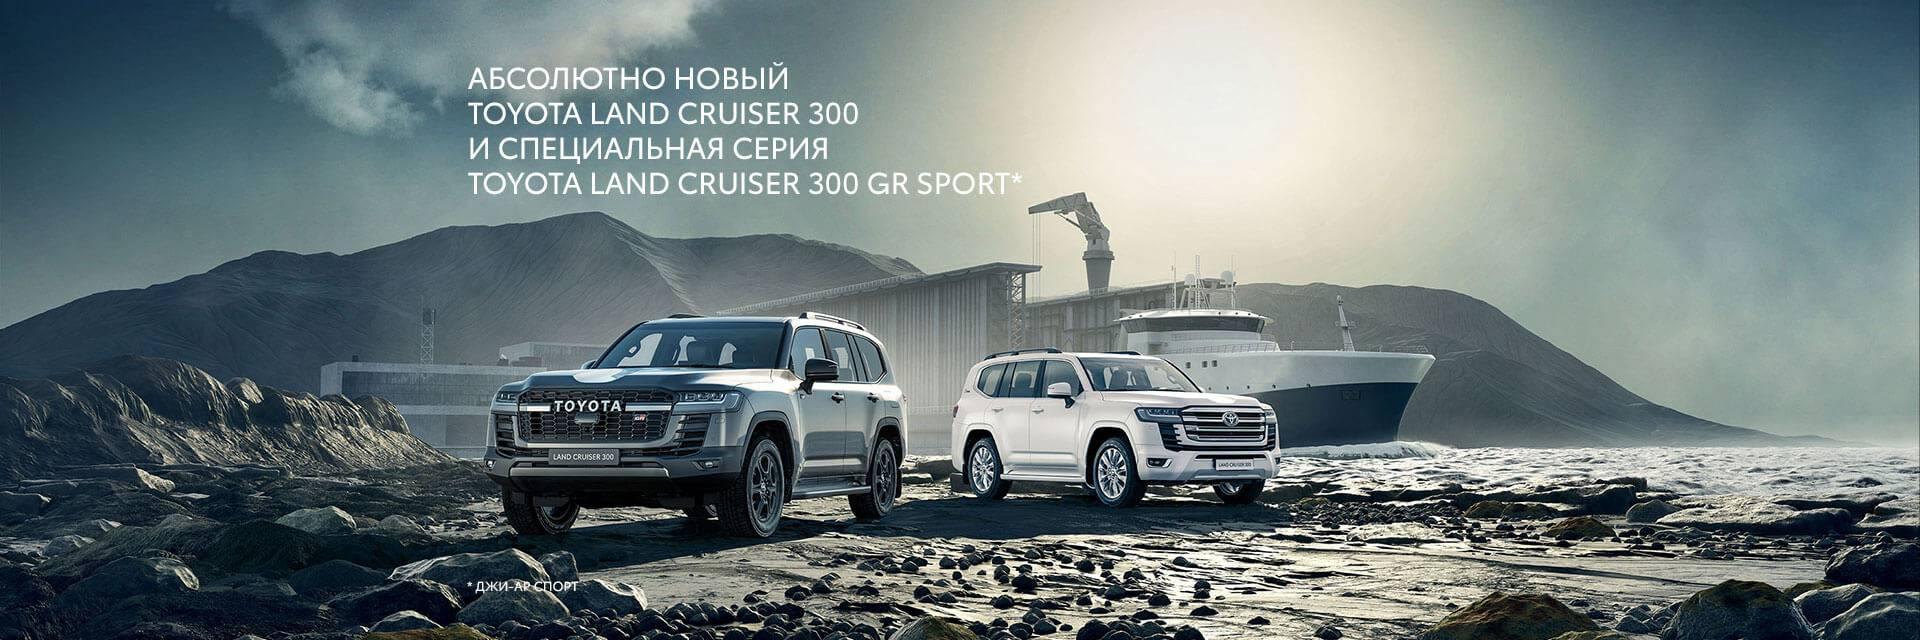 Land Cruiser 300